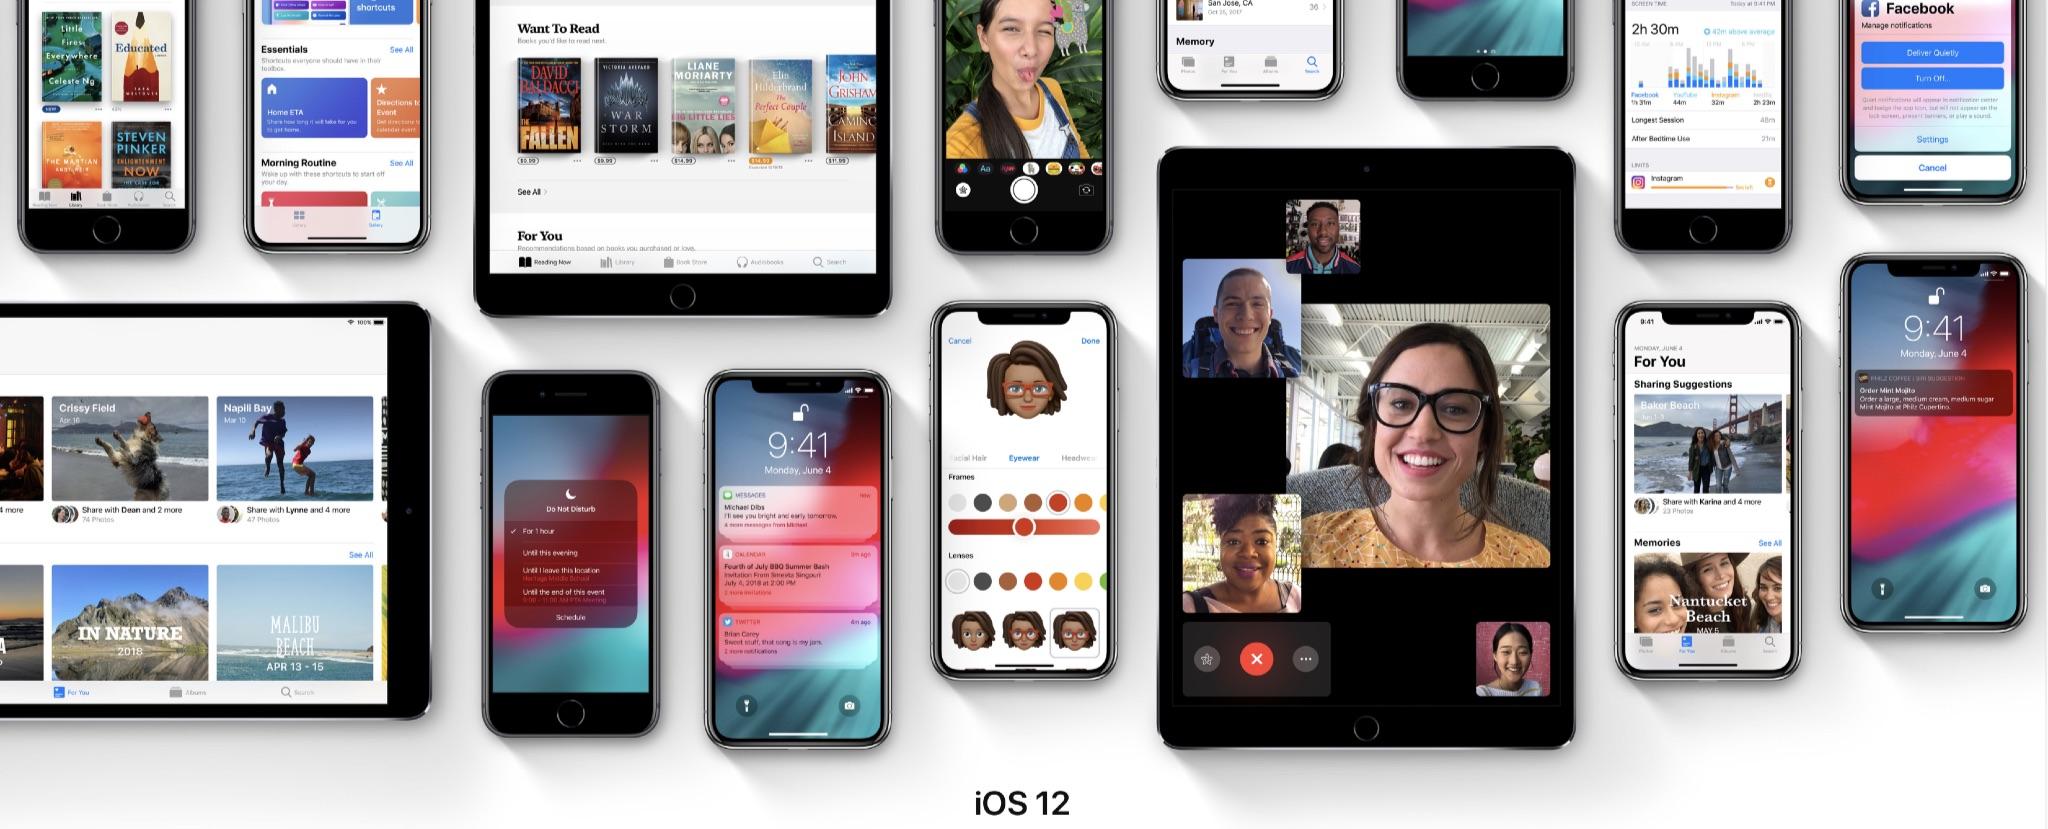 iOS 12.4 ist da: drahtlose Daten-Migration, Apple News+ Verbesserungen und mehr › Macerkopf